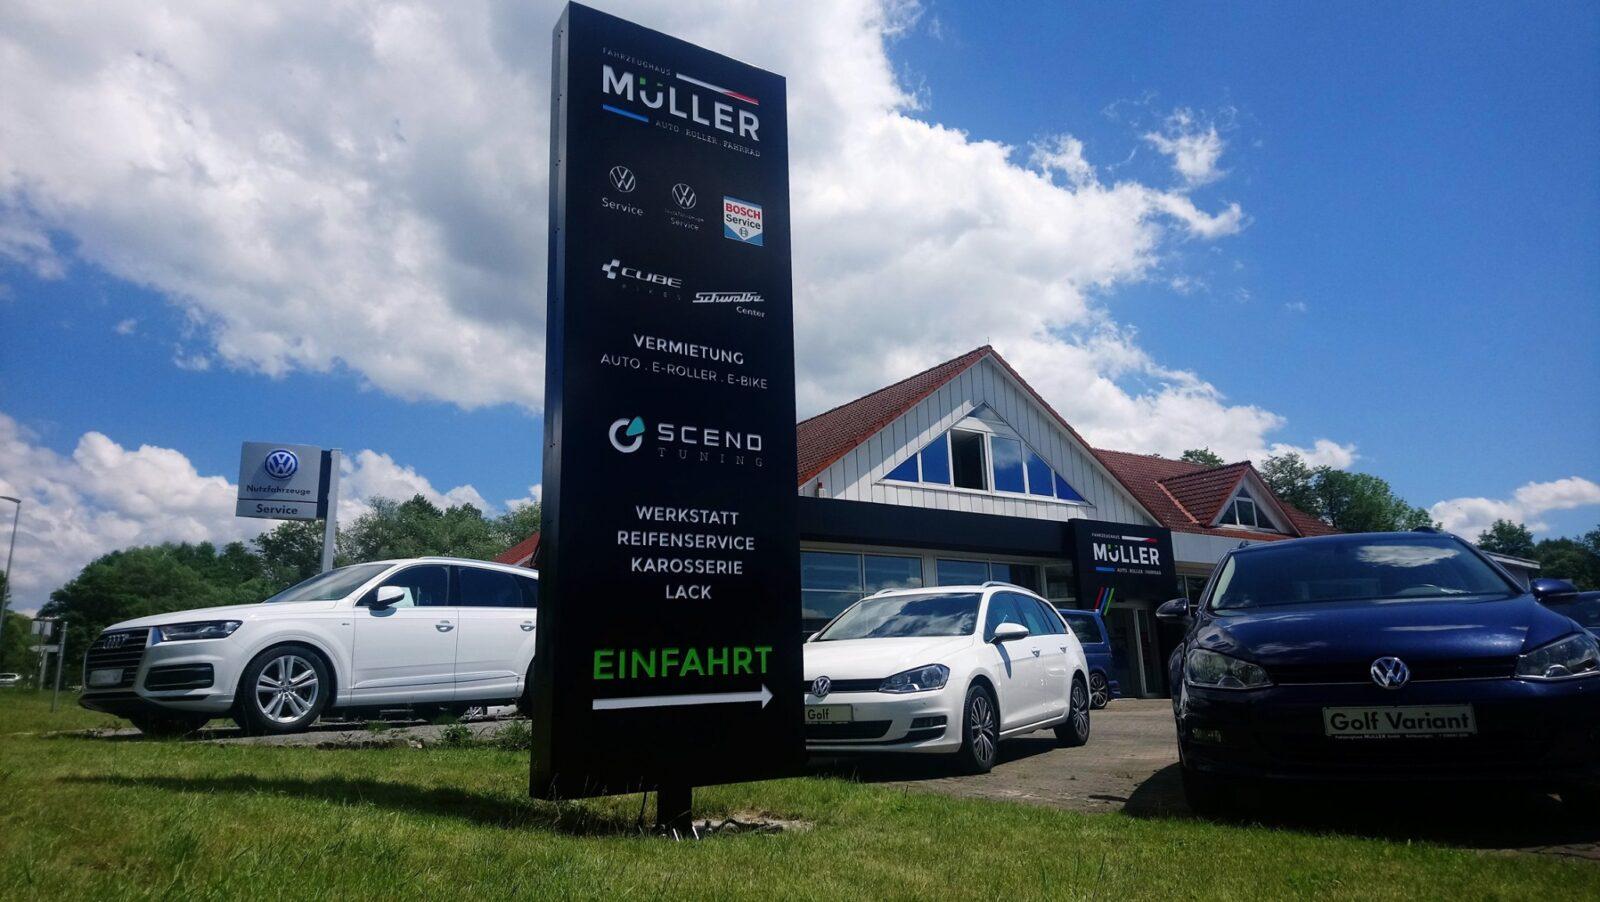 Außenansicht des Fahrzeughaus Müller, ein Autohaus für Neufahrzeuge, Gebrauchtwagen & Jahreswagen in Schleusingen